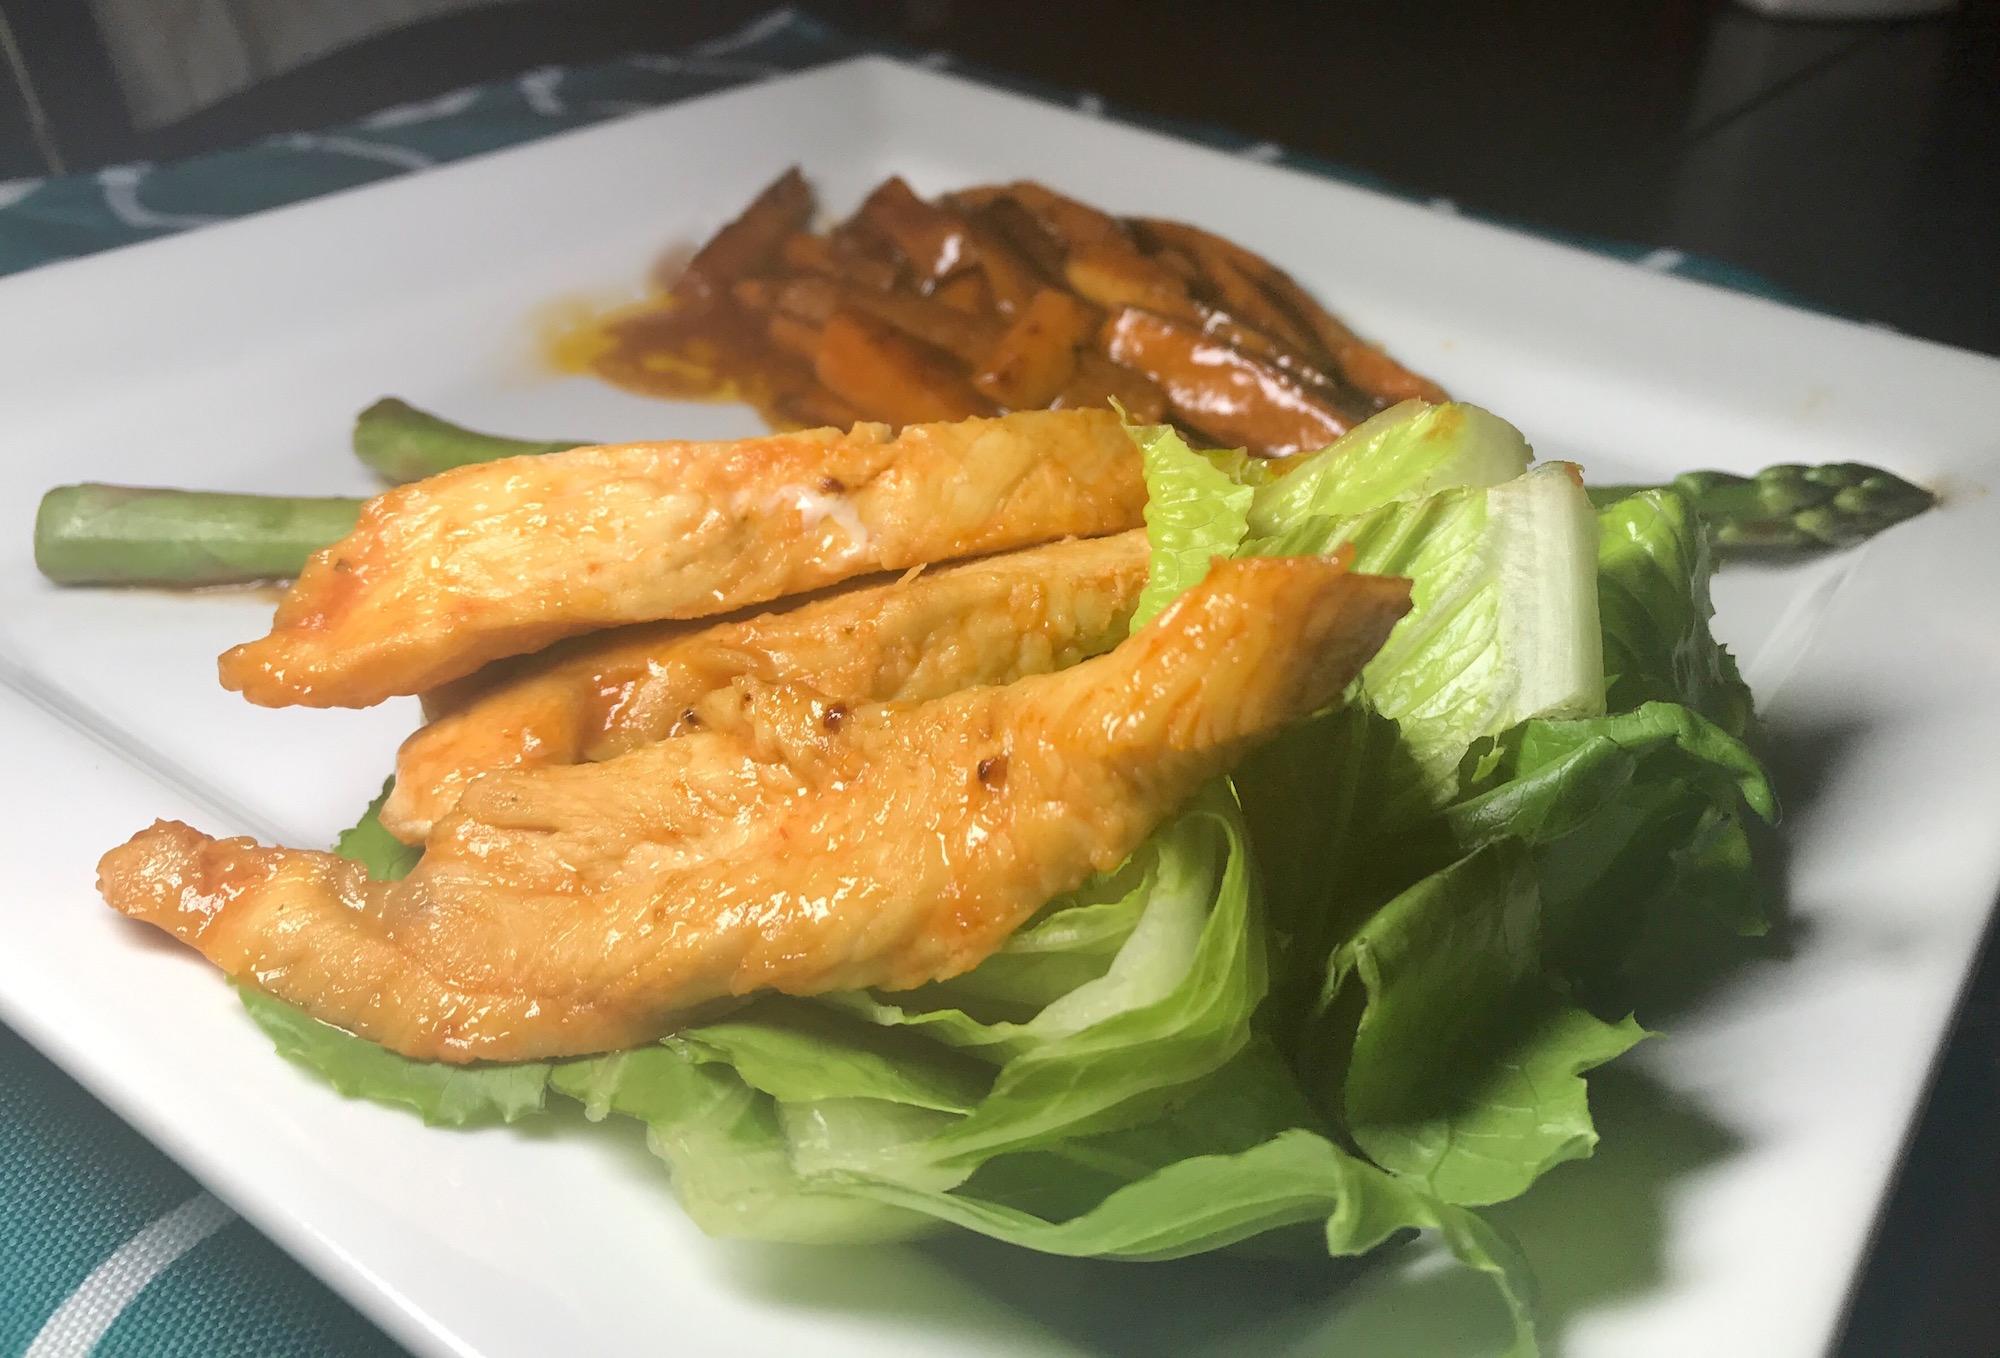 Poulet Mariné et Patates Douces à la Sauce Brune